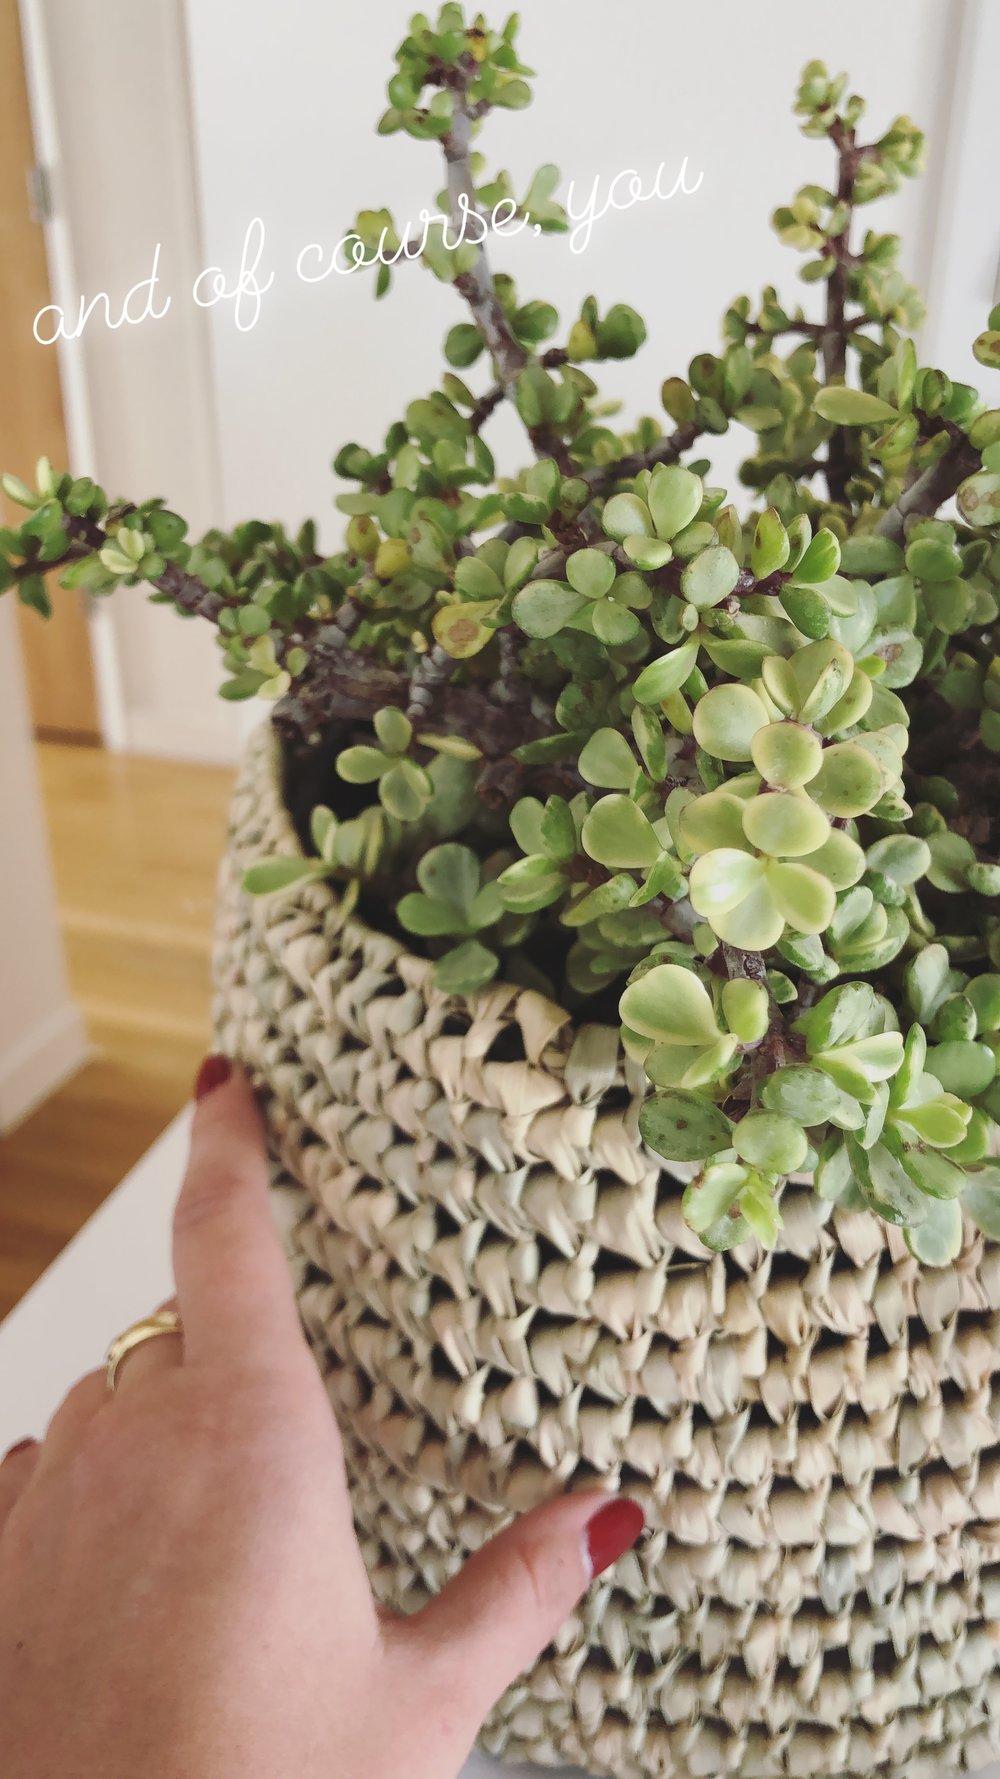 Succulent, $14.50 / Basket, $8.50